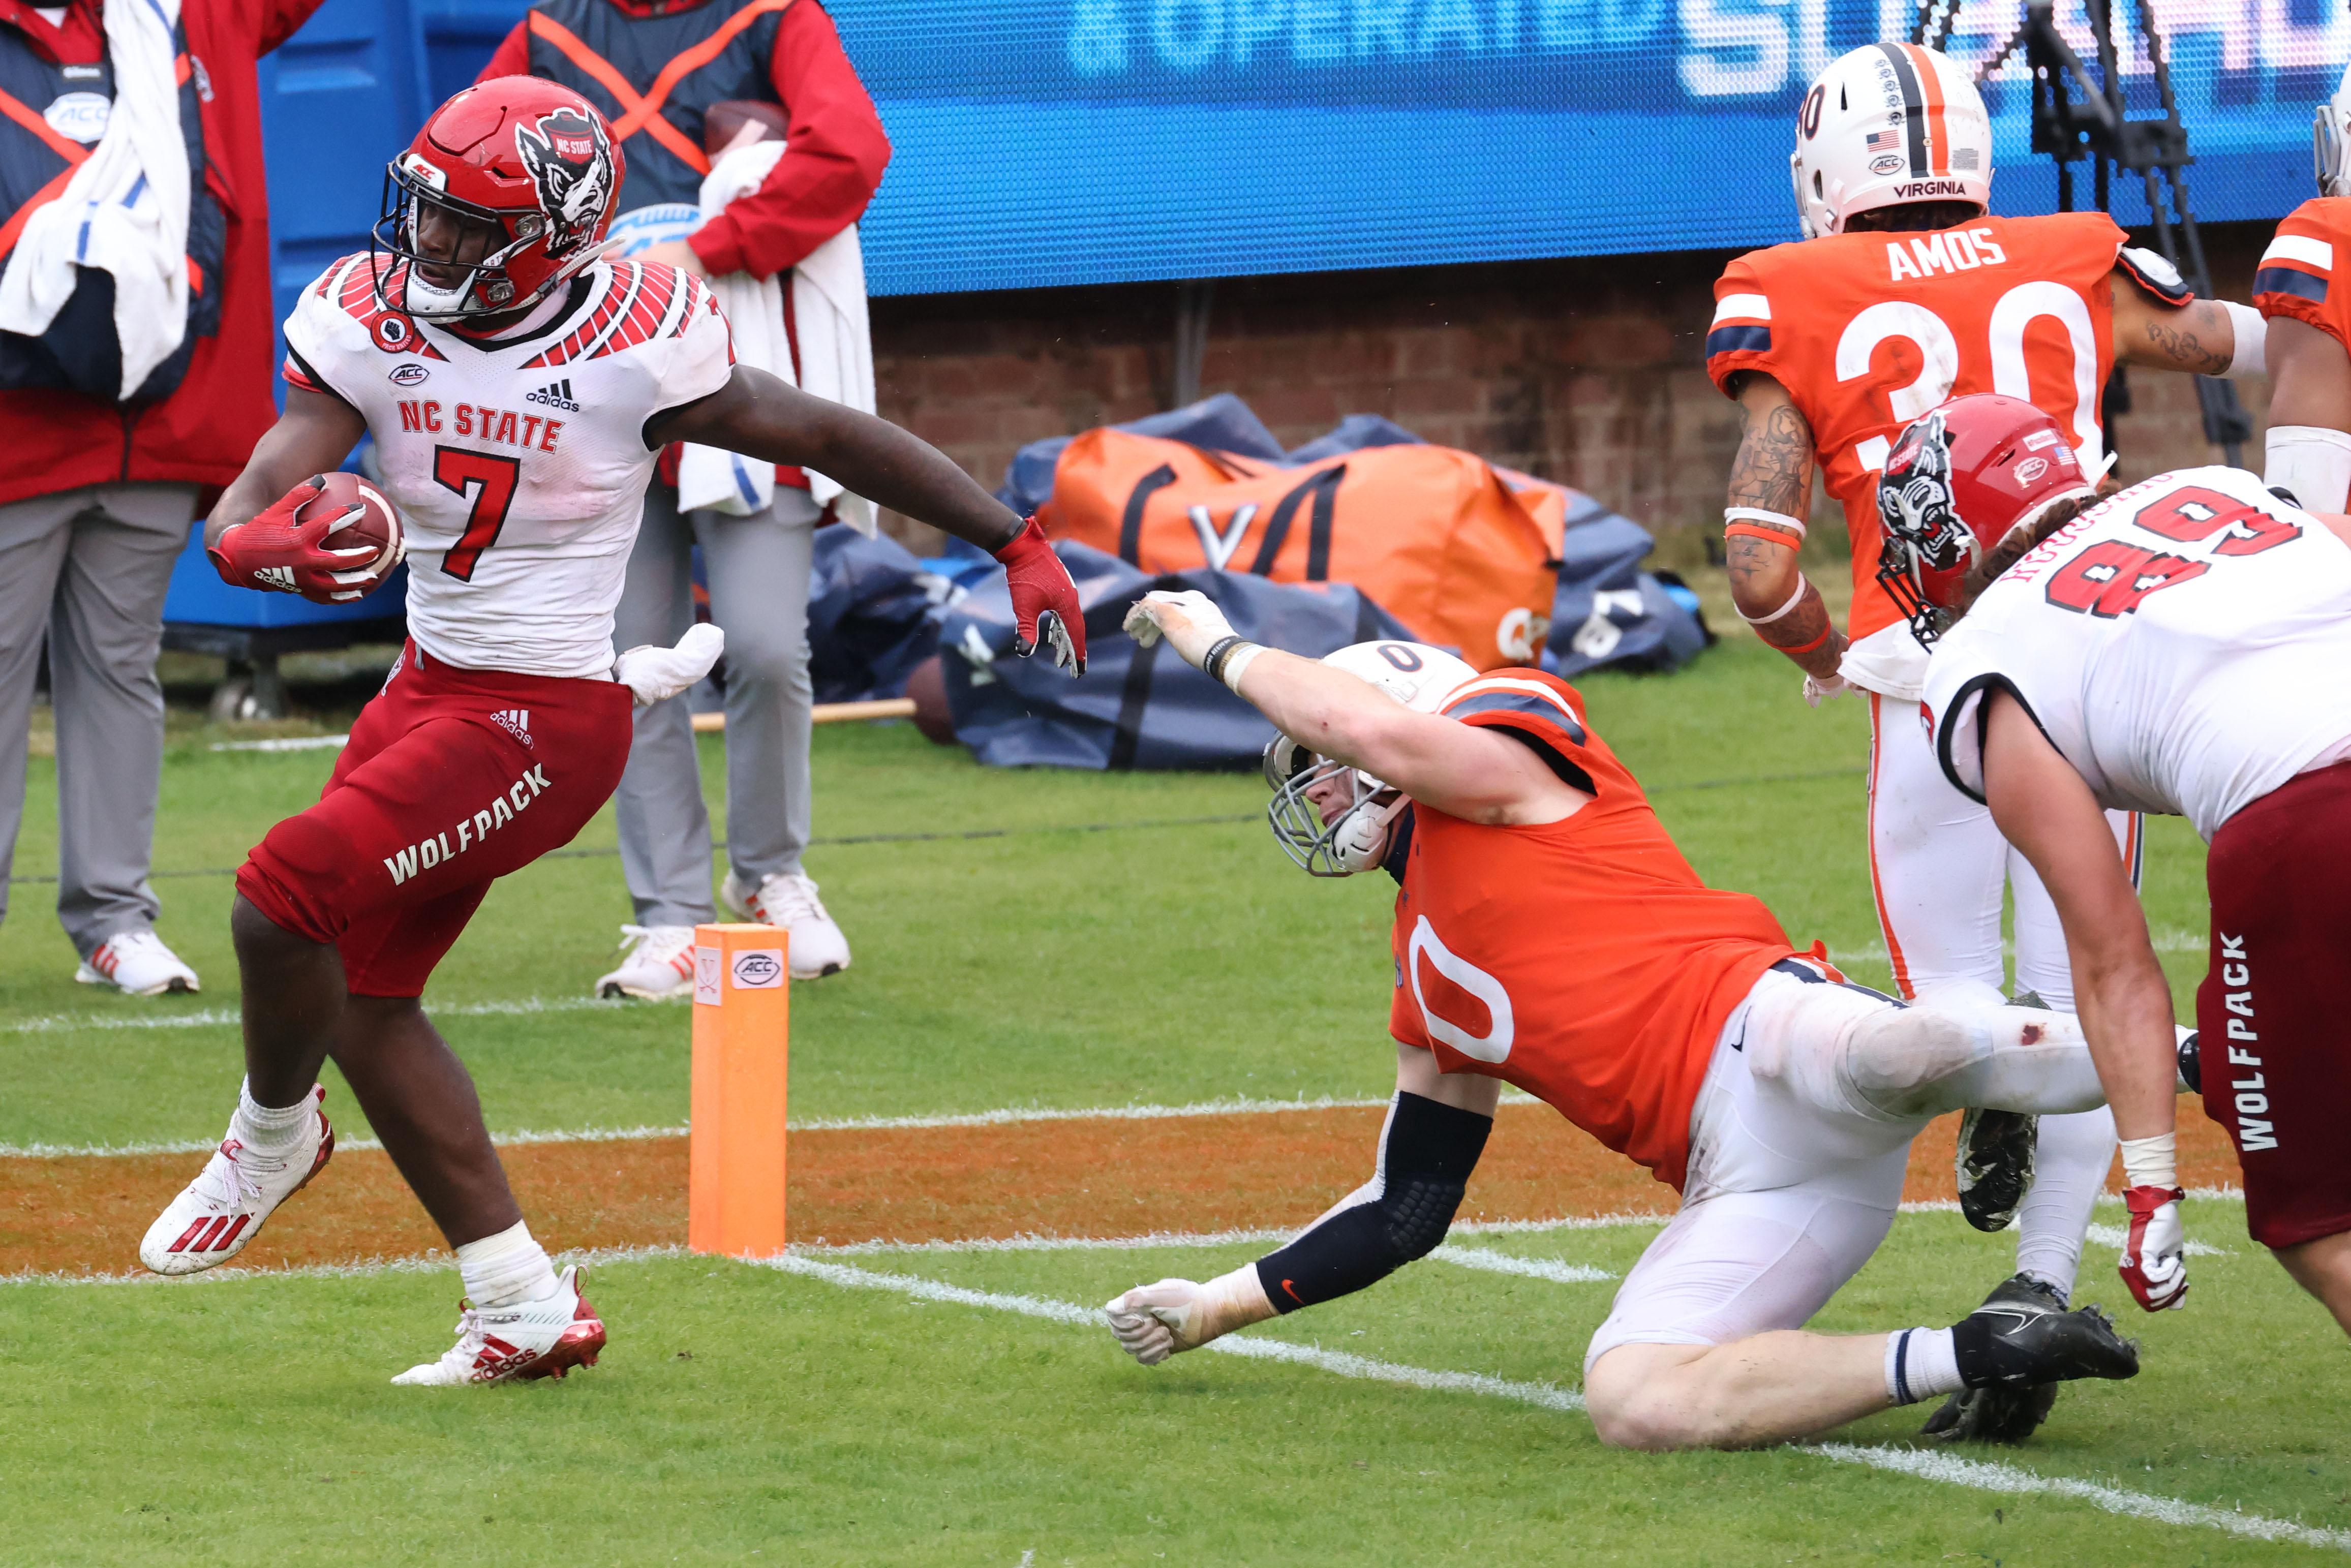 NCAA Football: North Carolina State at Virginia